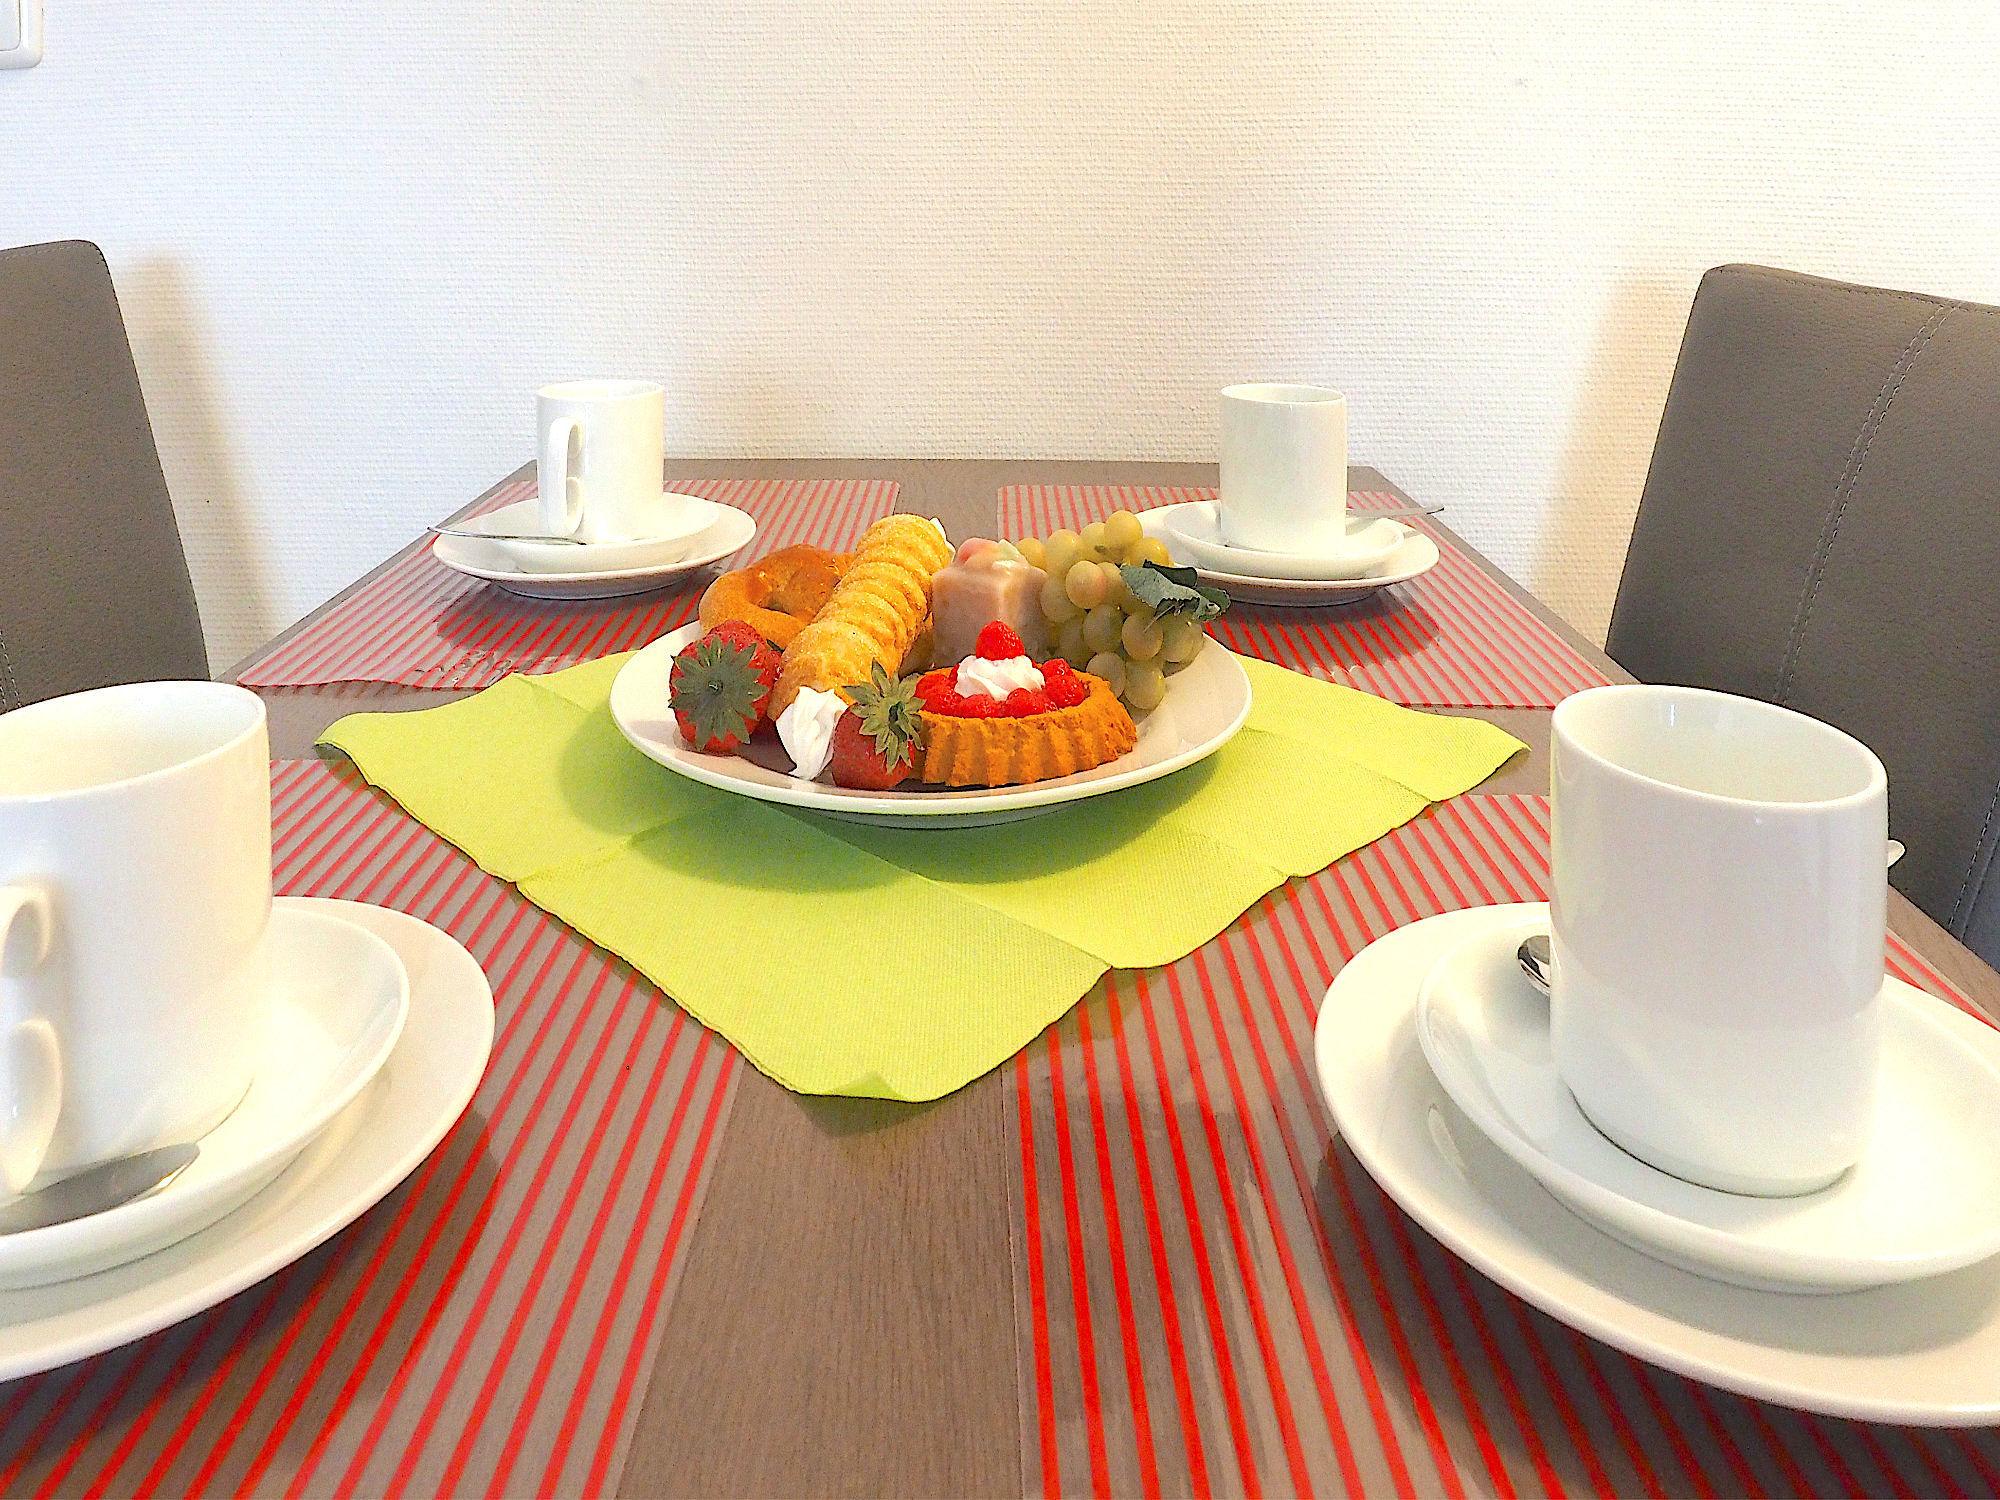 Esstisch mit Geschirr und Deko